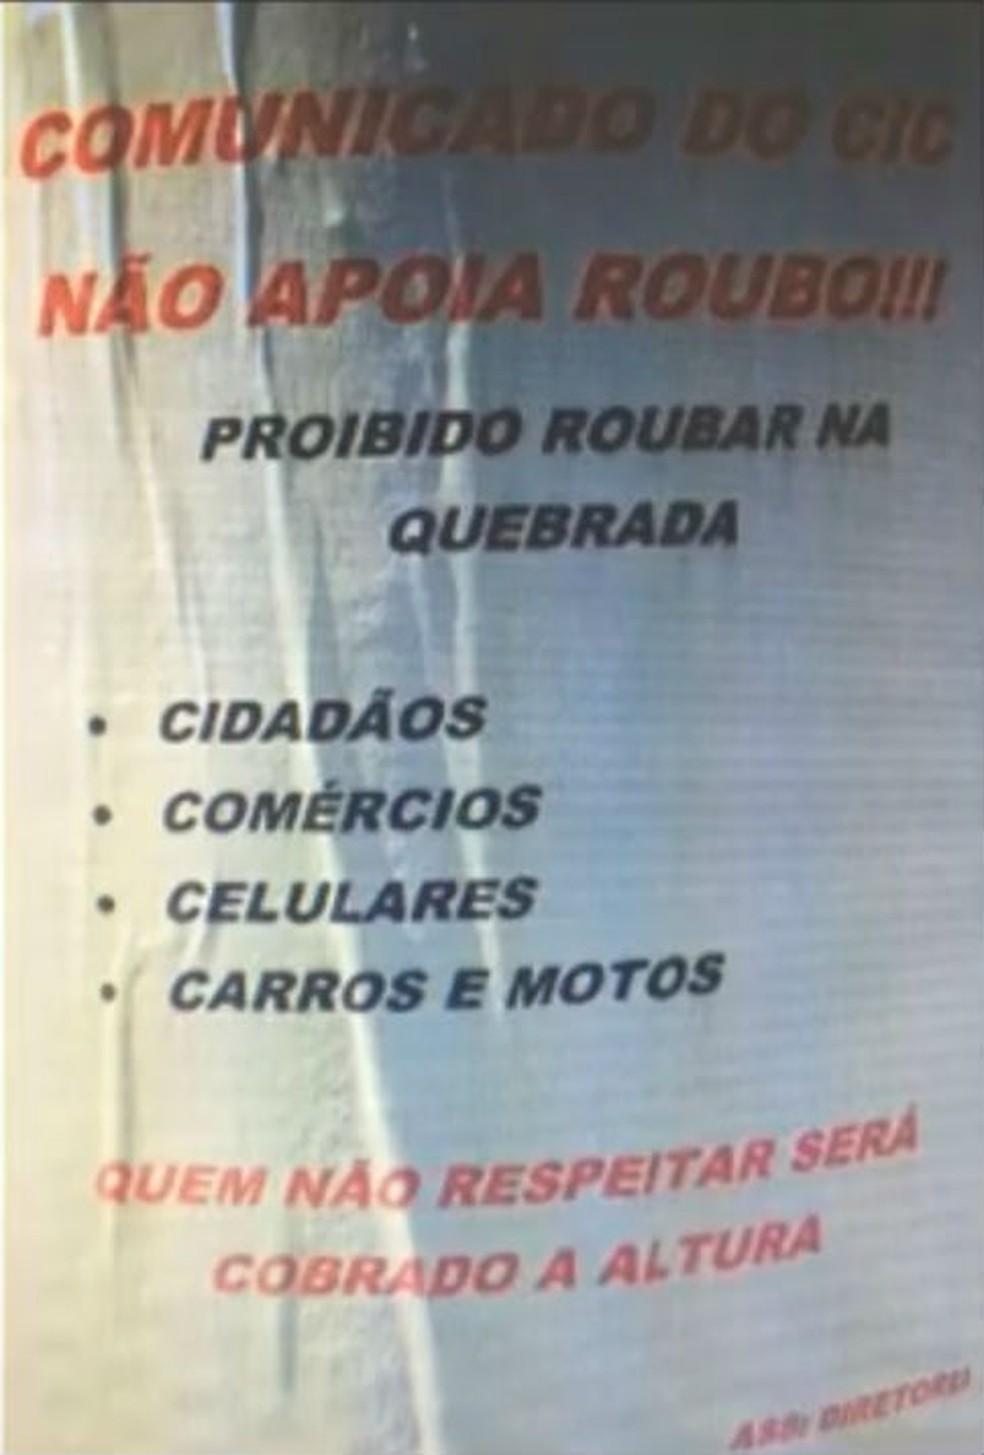 Moradores e comerciantes desconversam quando perguntados sobre os cartazes espalhados pela Cidade Industrial de Curitiba (CIC).  (Foto: RPC/Reprodução)